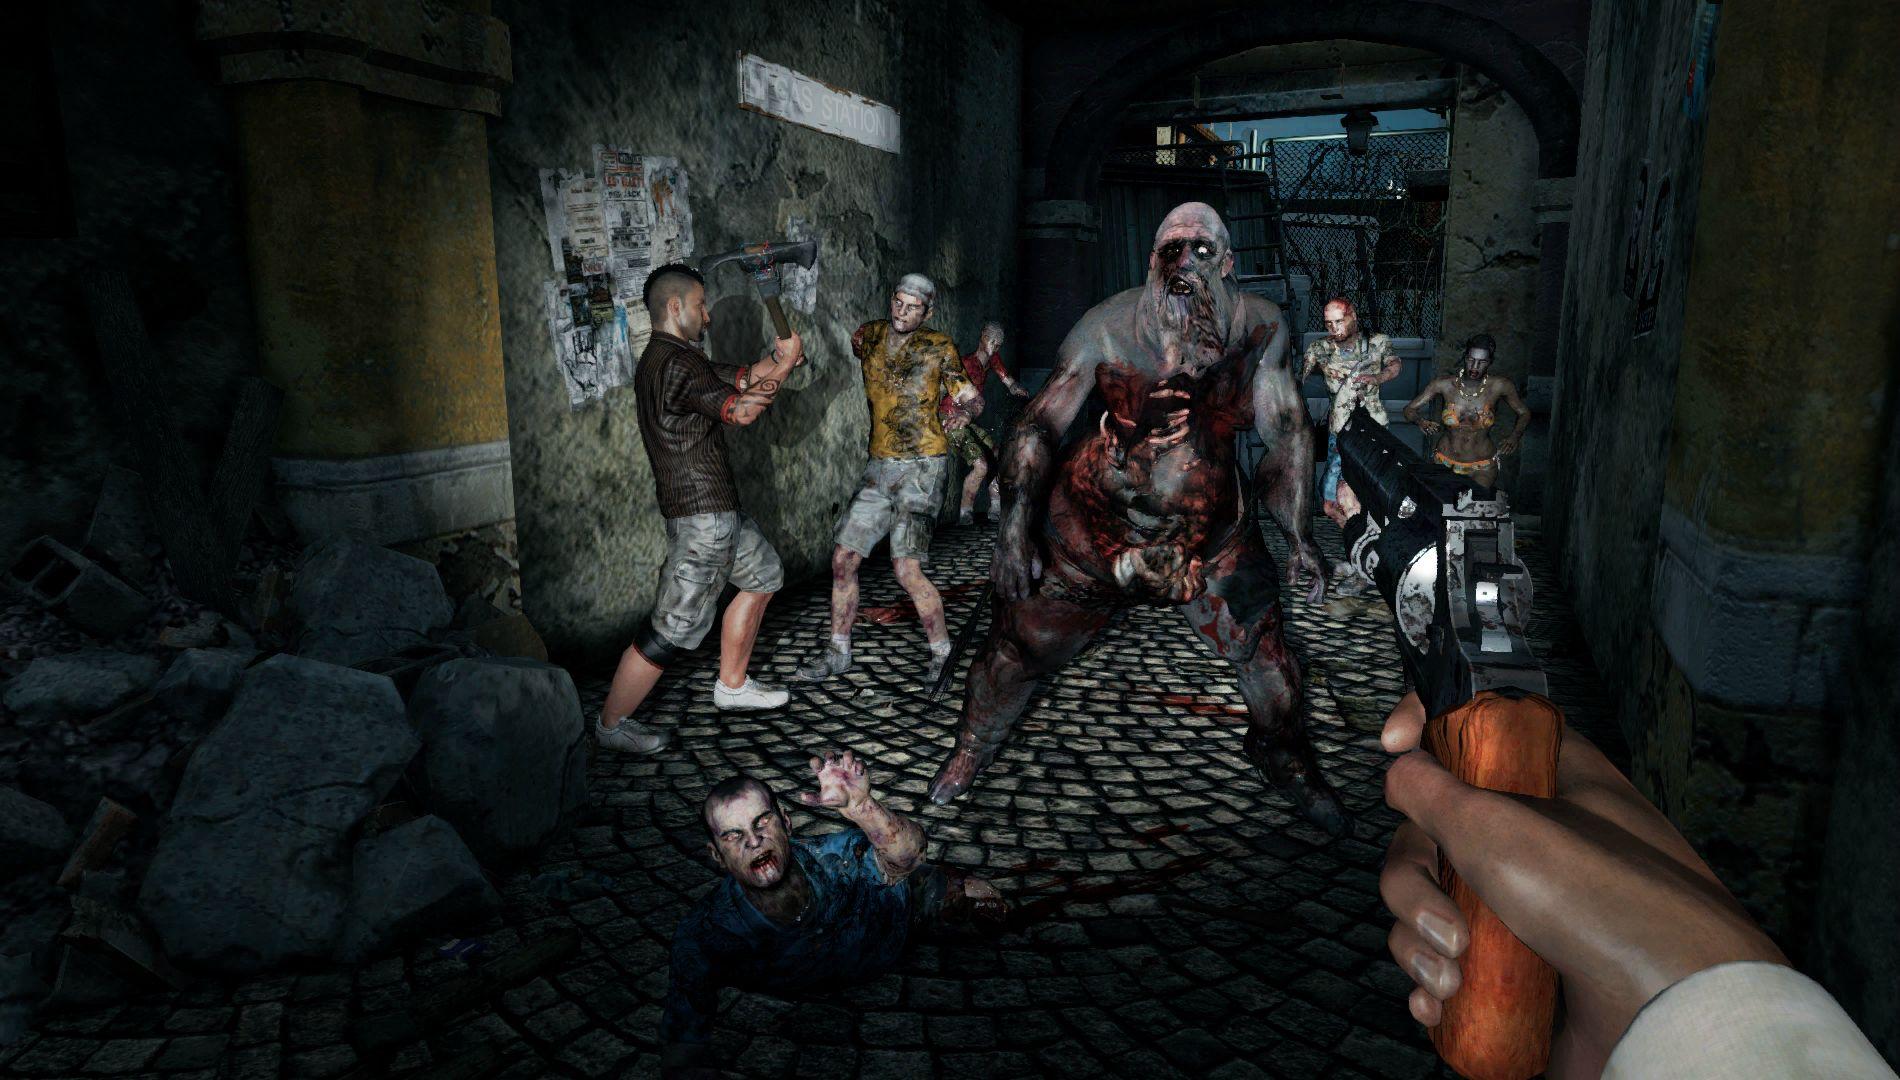 E3 2014: Dead Island 2 erscheint 2015 für die PlayStation 4 und erhält einen neuen Trailer